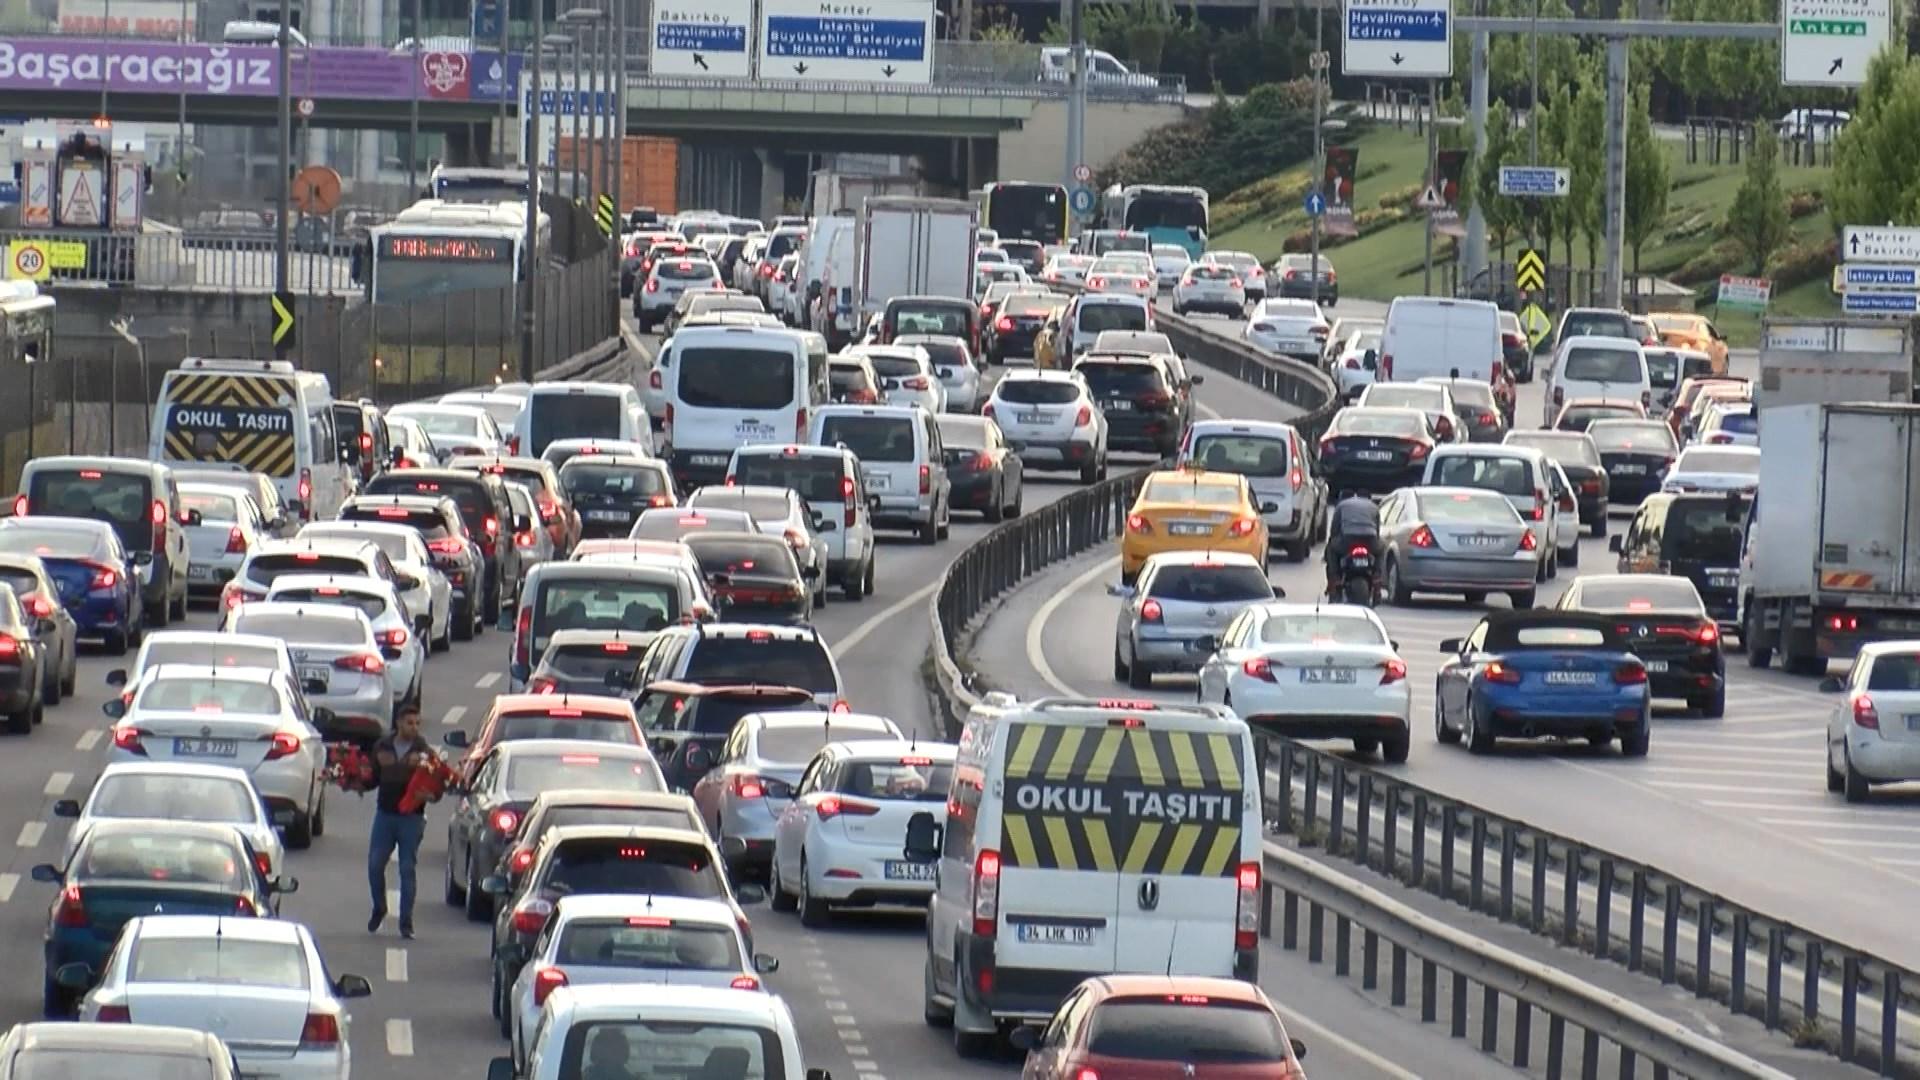 İstanbul'da bazı noktalarda trafik yoğunluğu